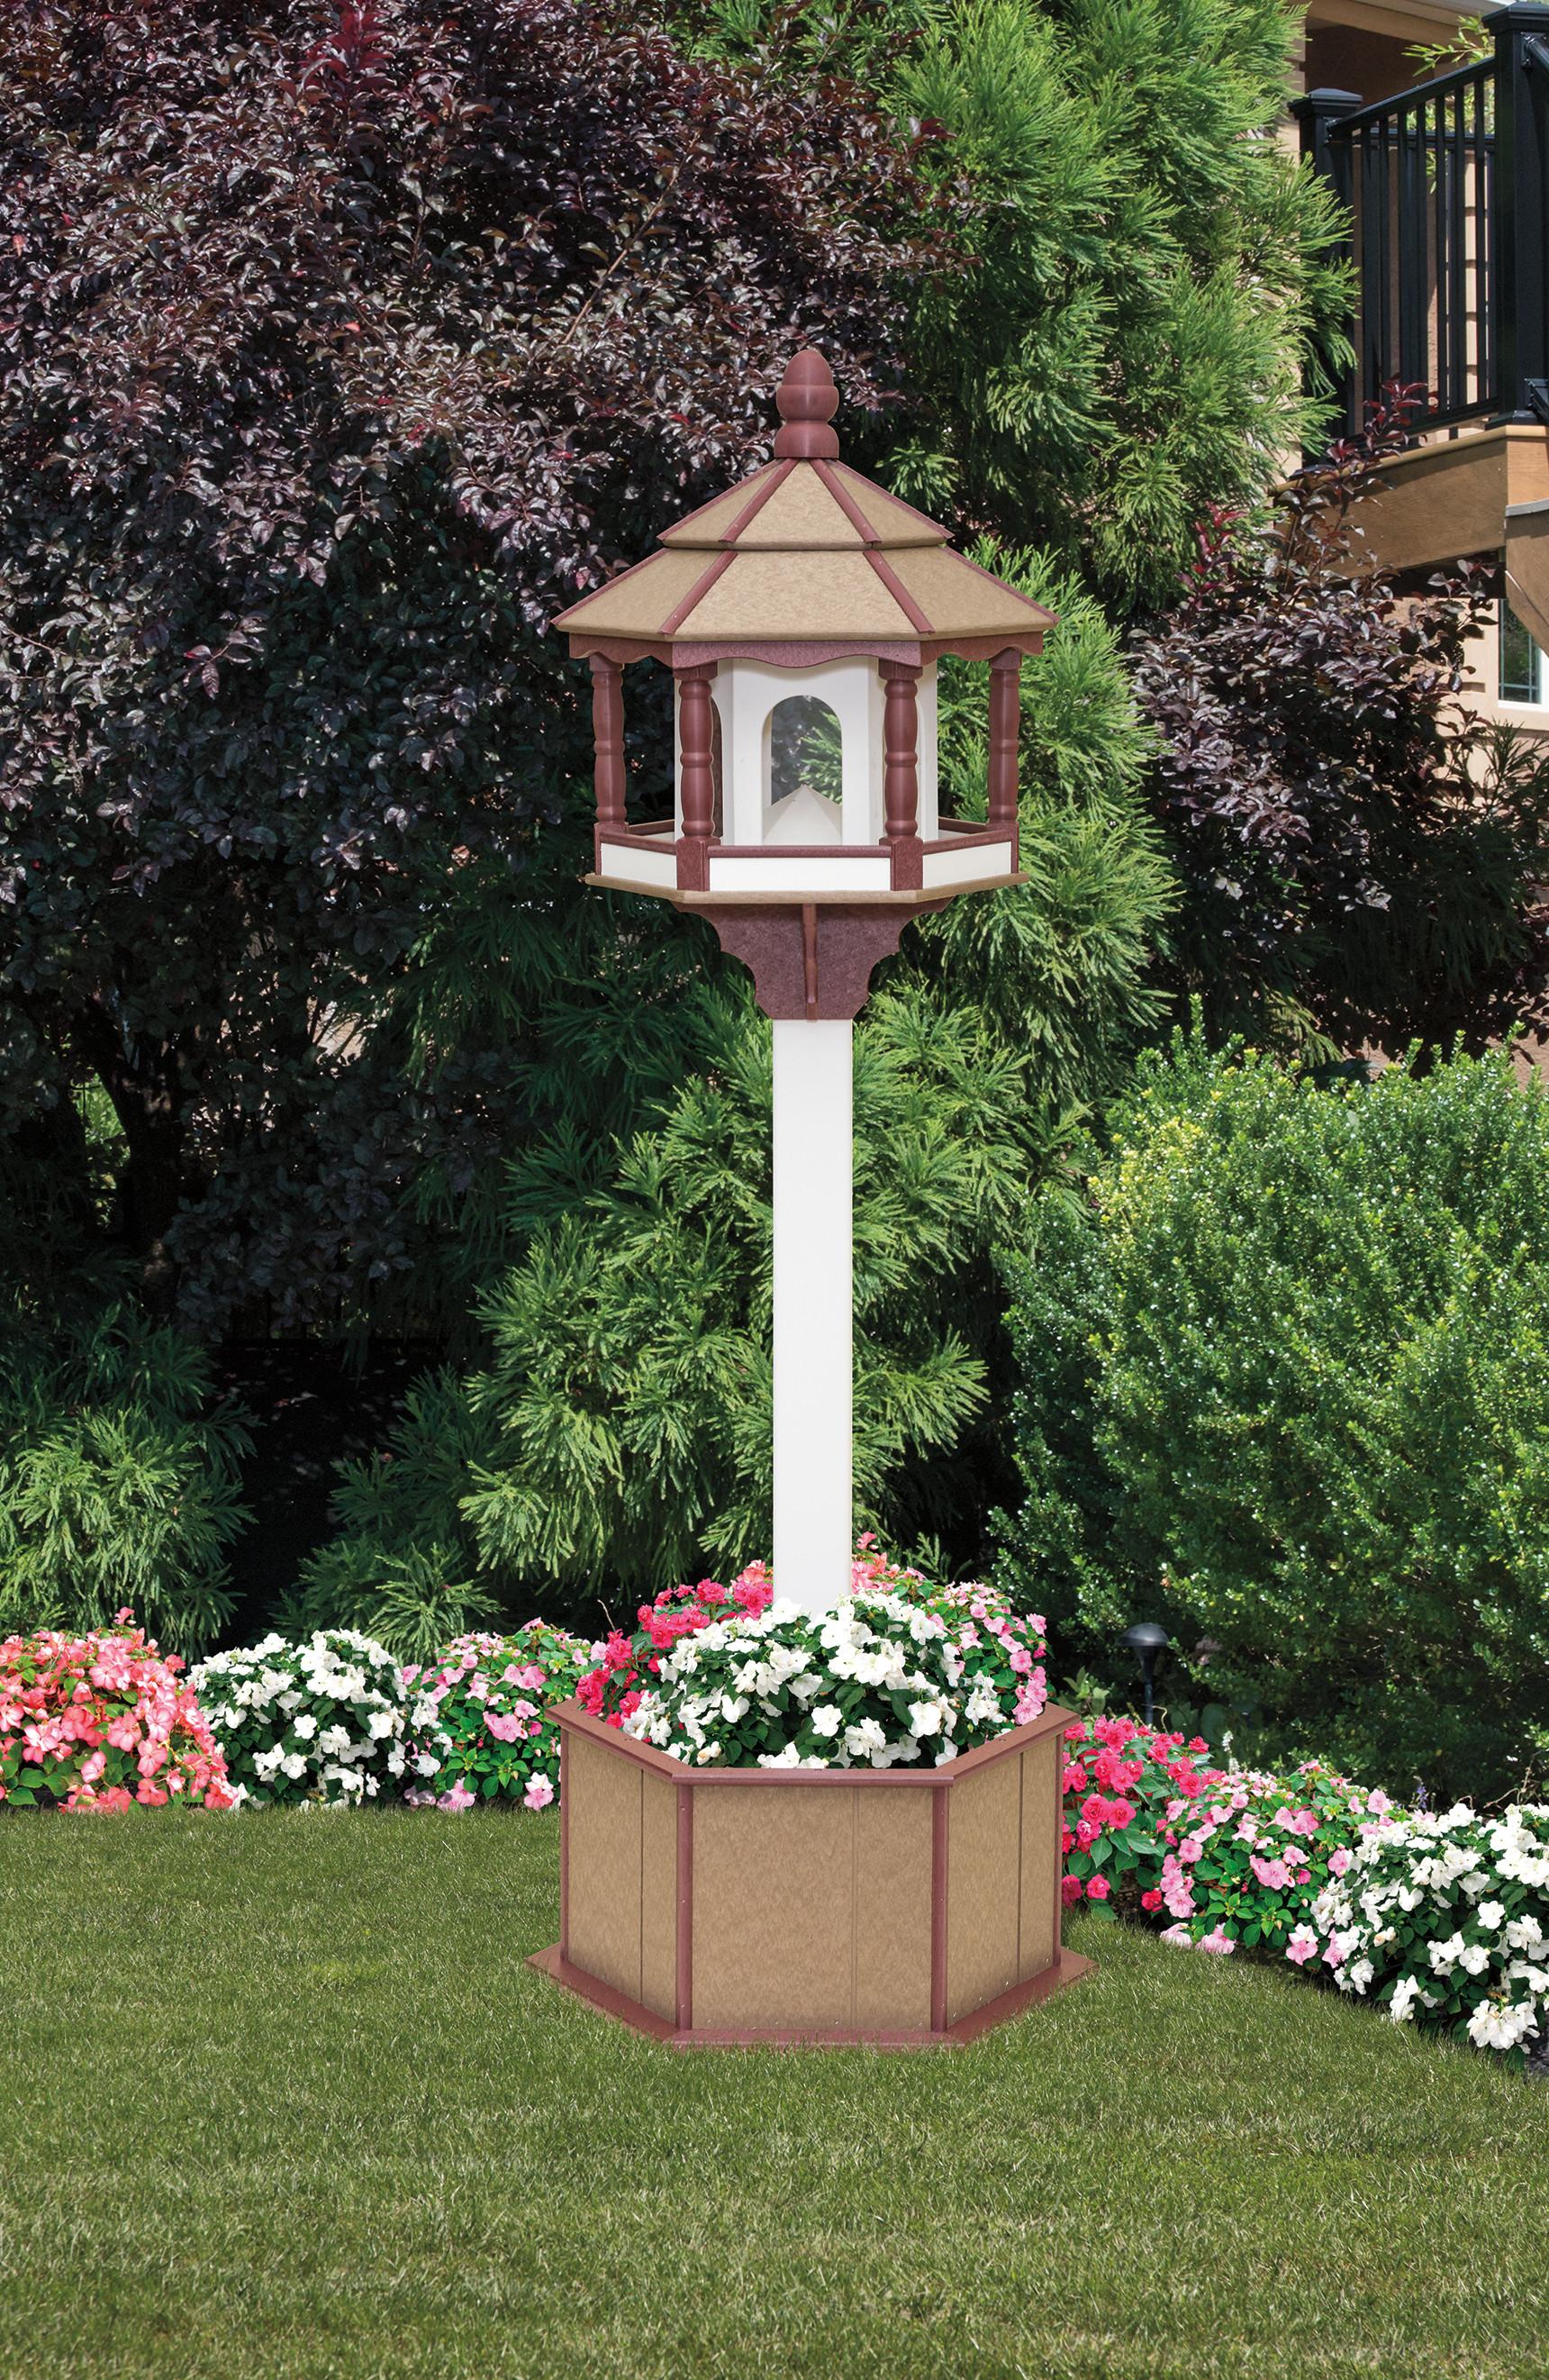 birdwatching we bird love feeder pinterest station pin garden